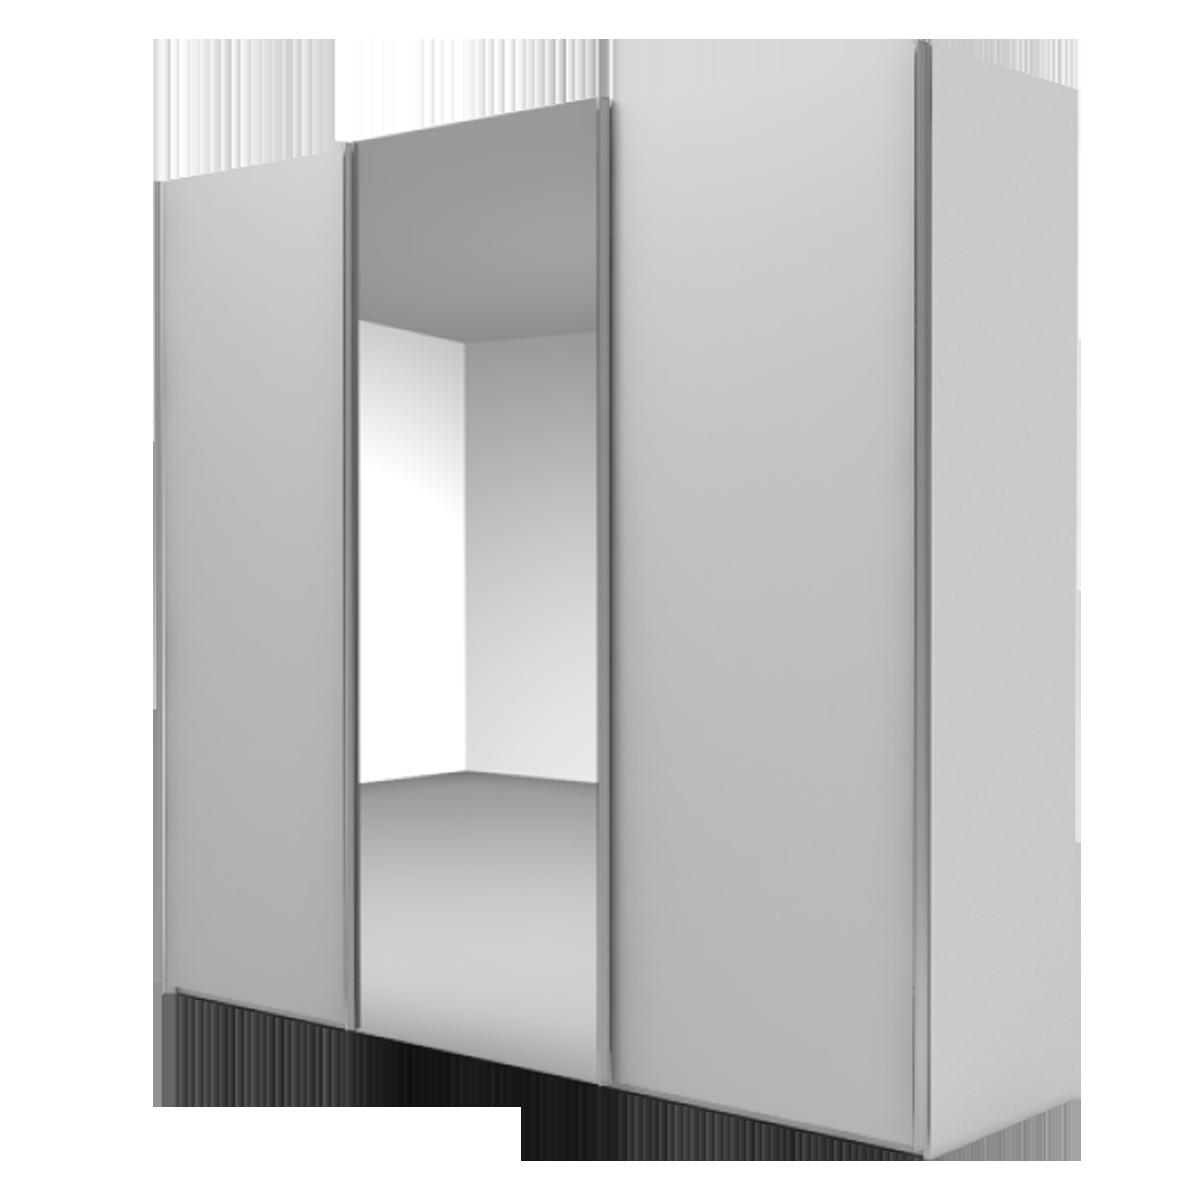 Full Size of Unterschrank Bad Holz Regal 25 Cm Breit 60 Sofa Jalousieschrank Küche 30 Badezimmer Hochschrank Weiß Hochglanz Müllschrank Spiegelschrank Für Bett Im Wohnzimmer Schrank 25 Cm Breit